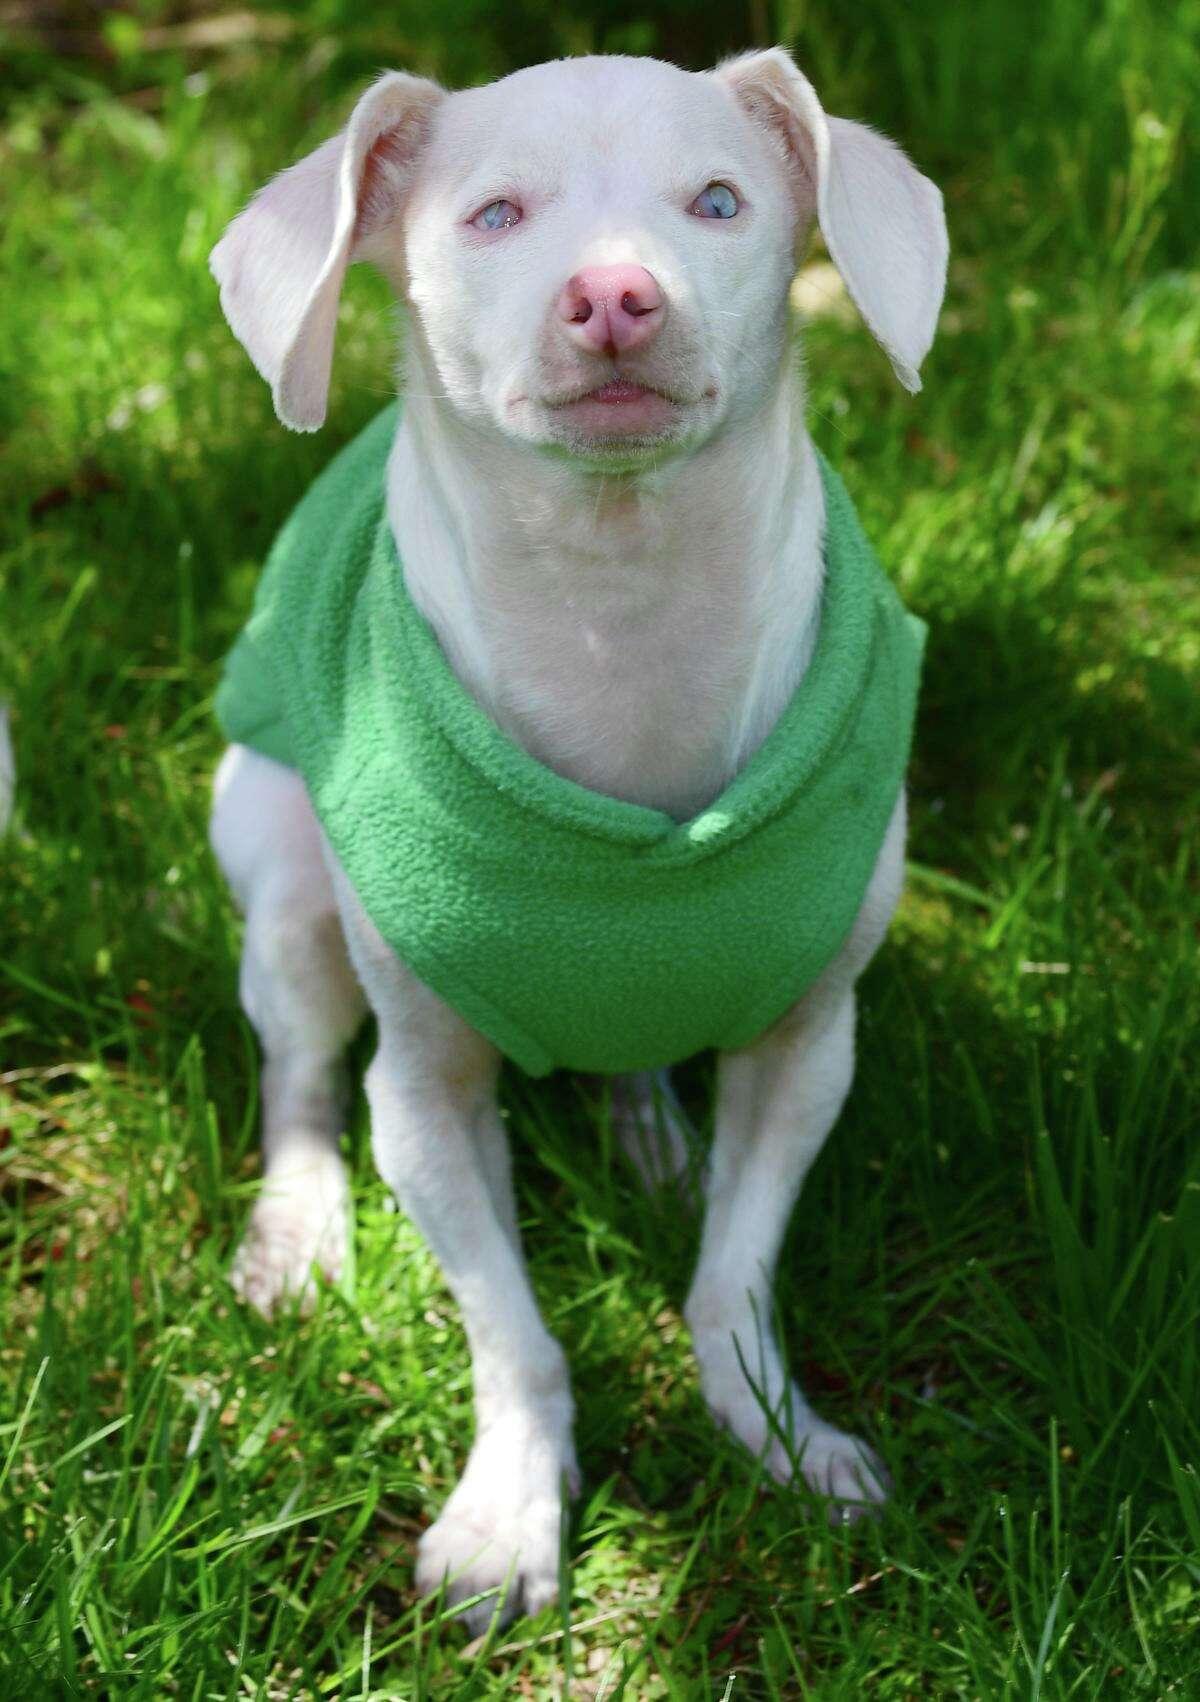 Veterinarian Melissa Shapiro's dog Piglet at their Westport home last week.